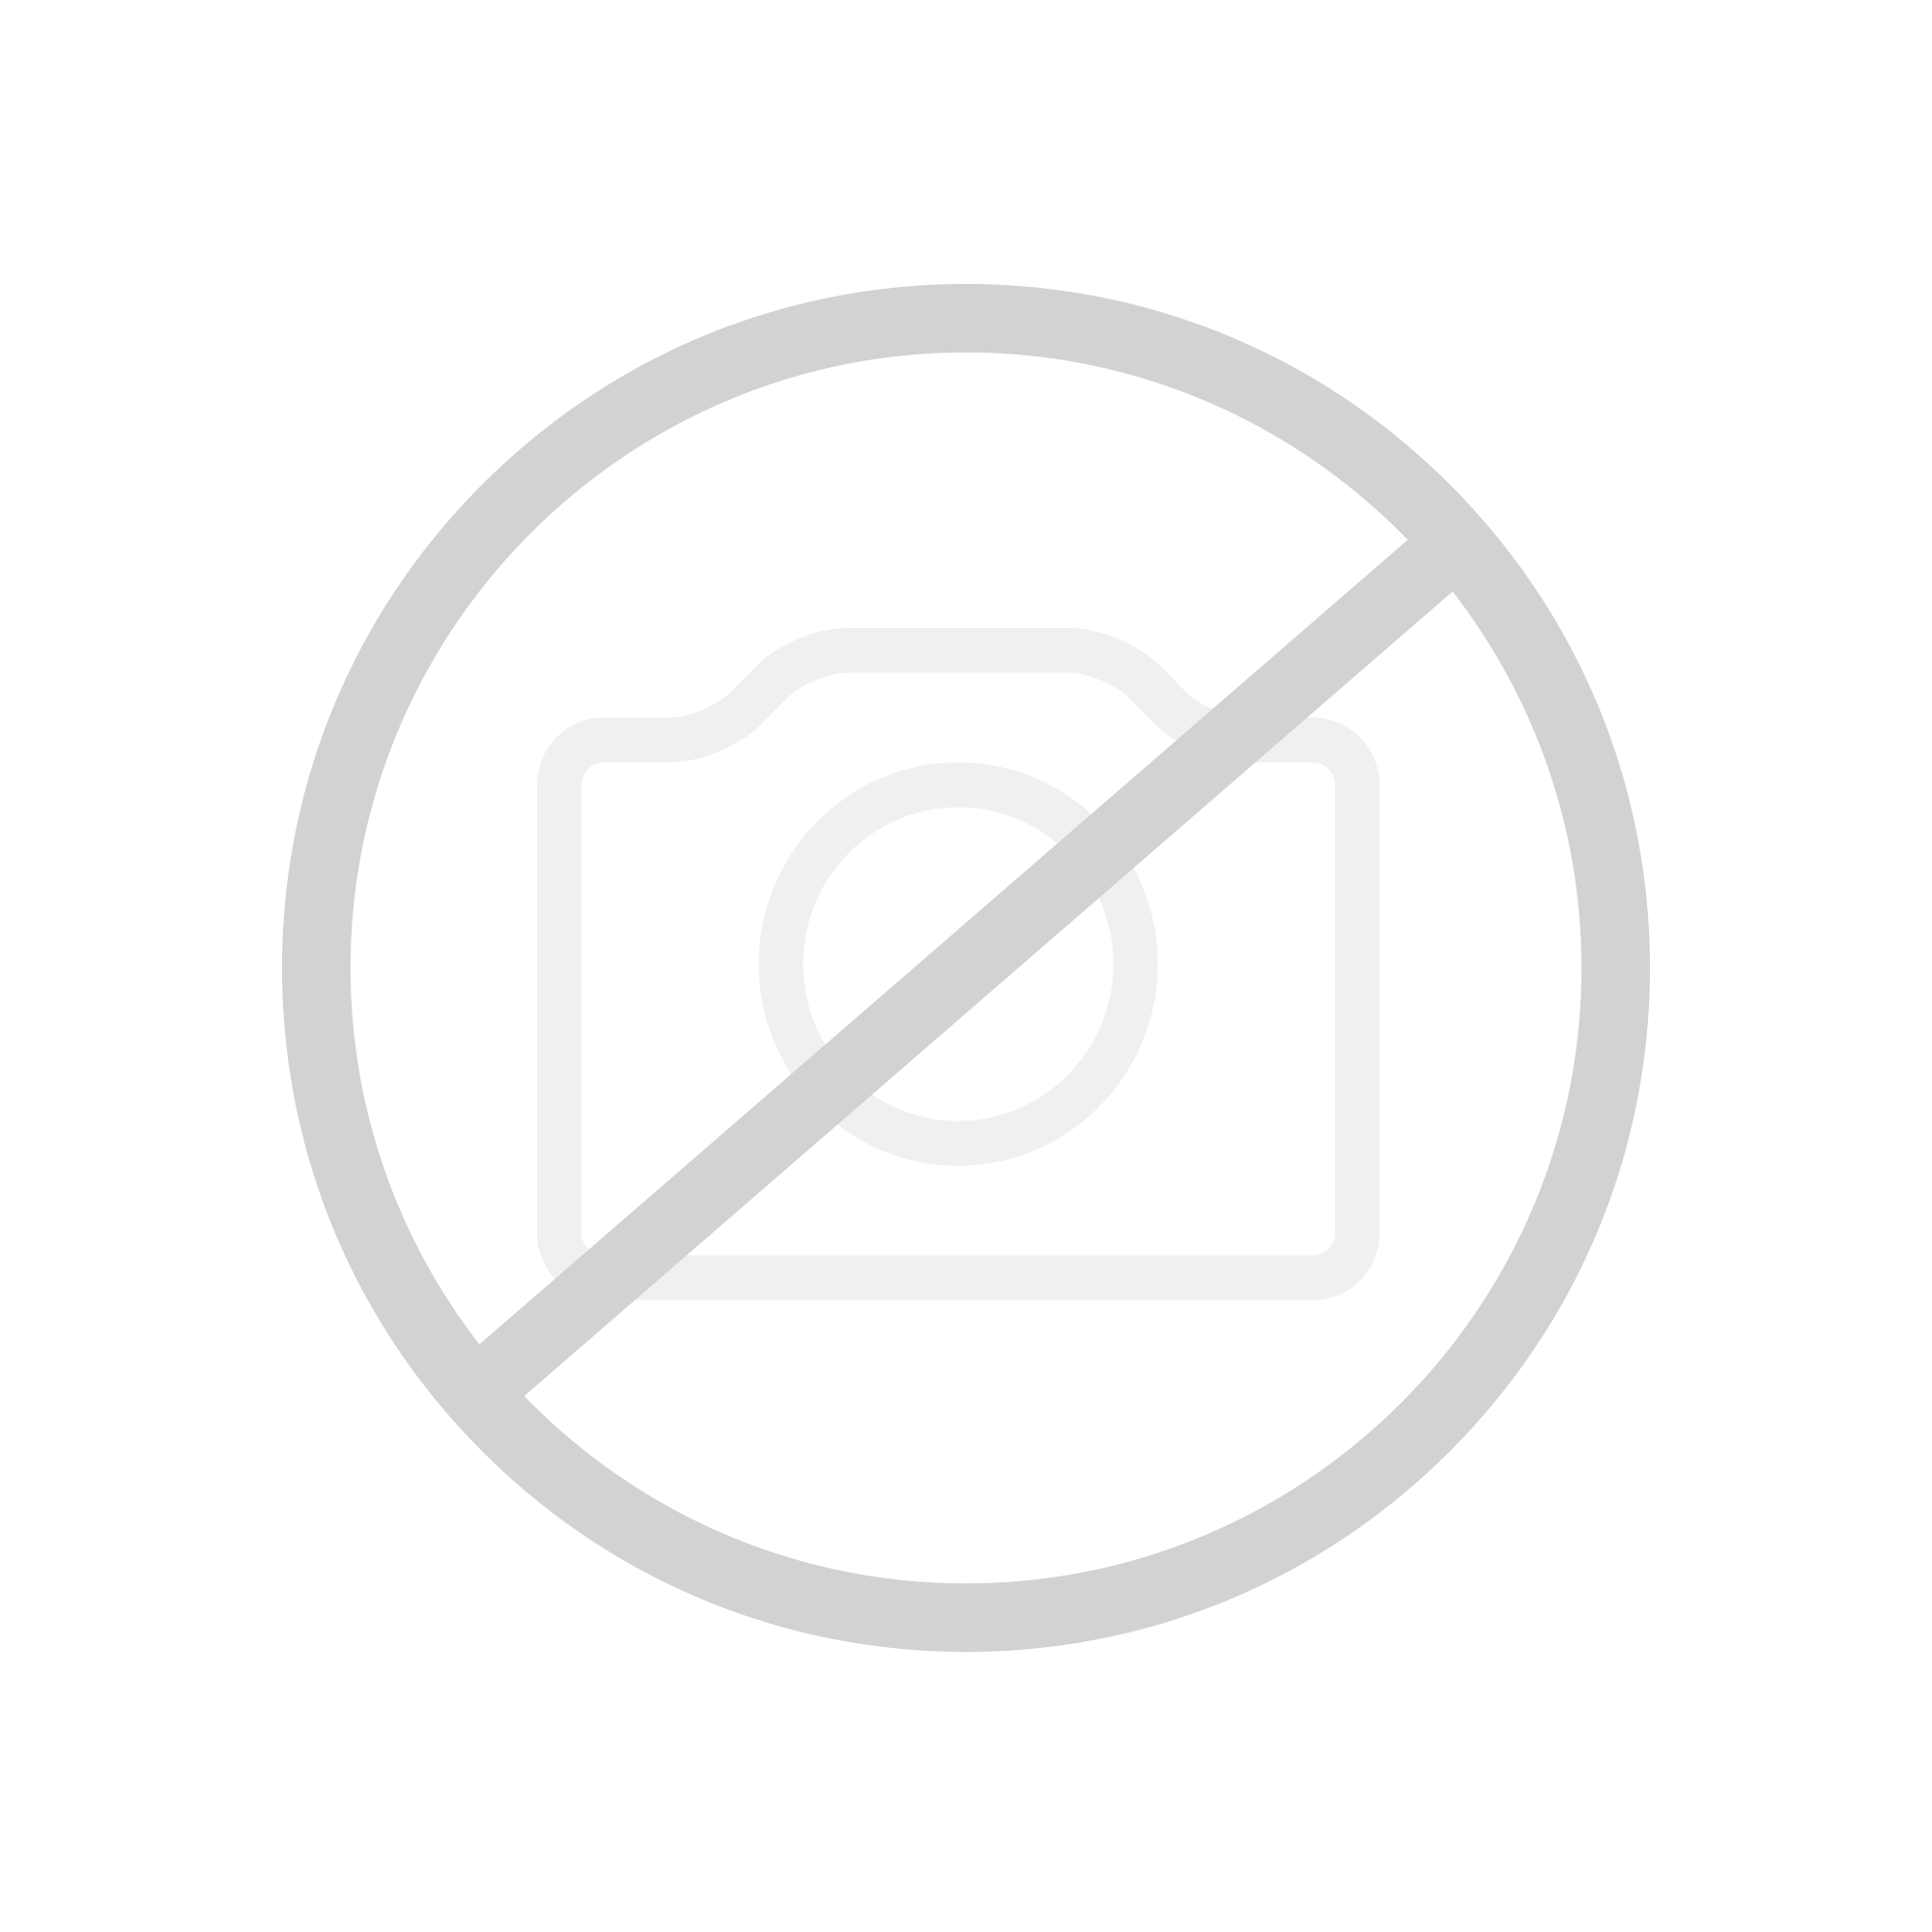 Hansgrohe Croma 220 Showerpipe Reno mit Brausearm schwenkbar, DN 15